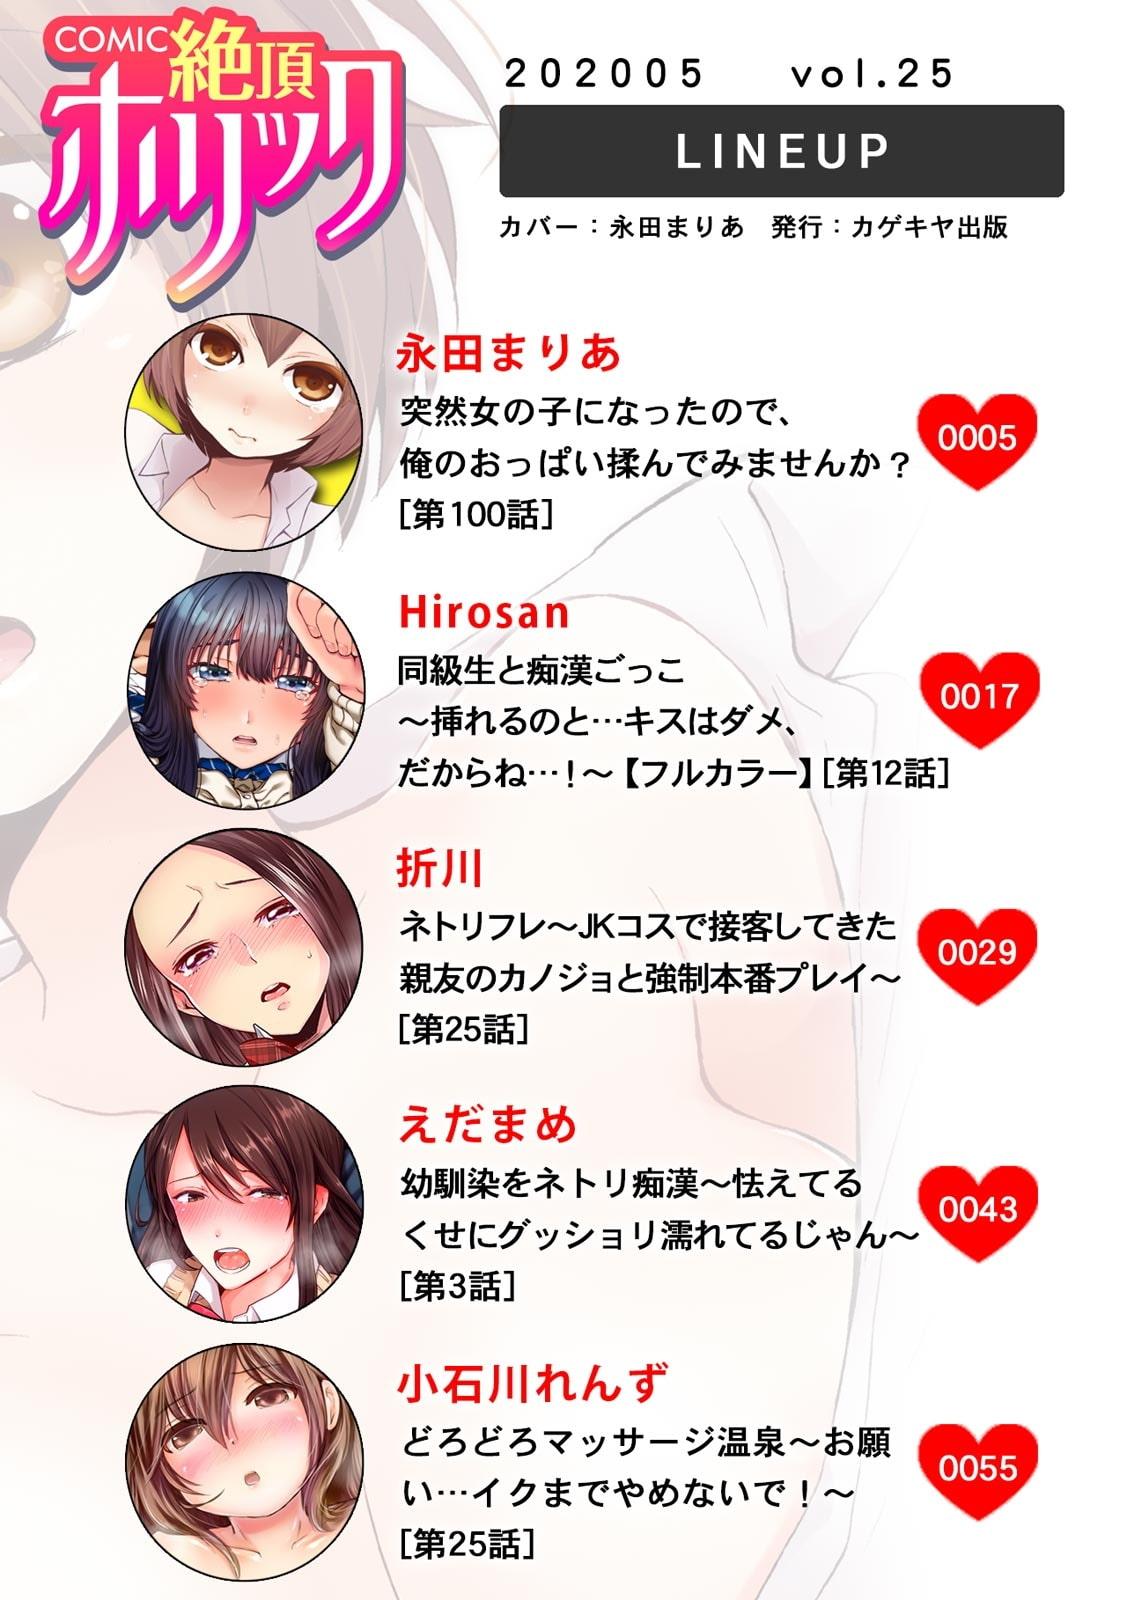 COMIC絶頂ホリック vol.25